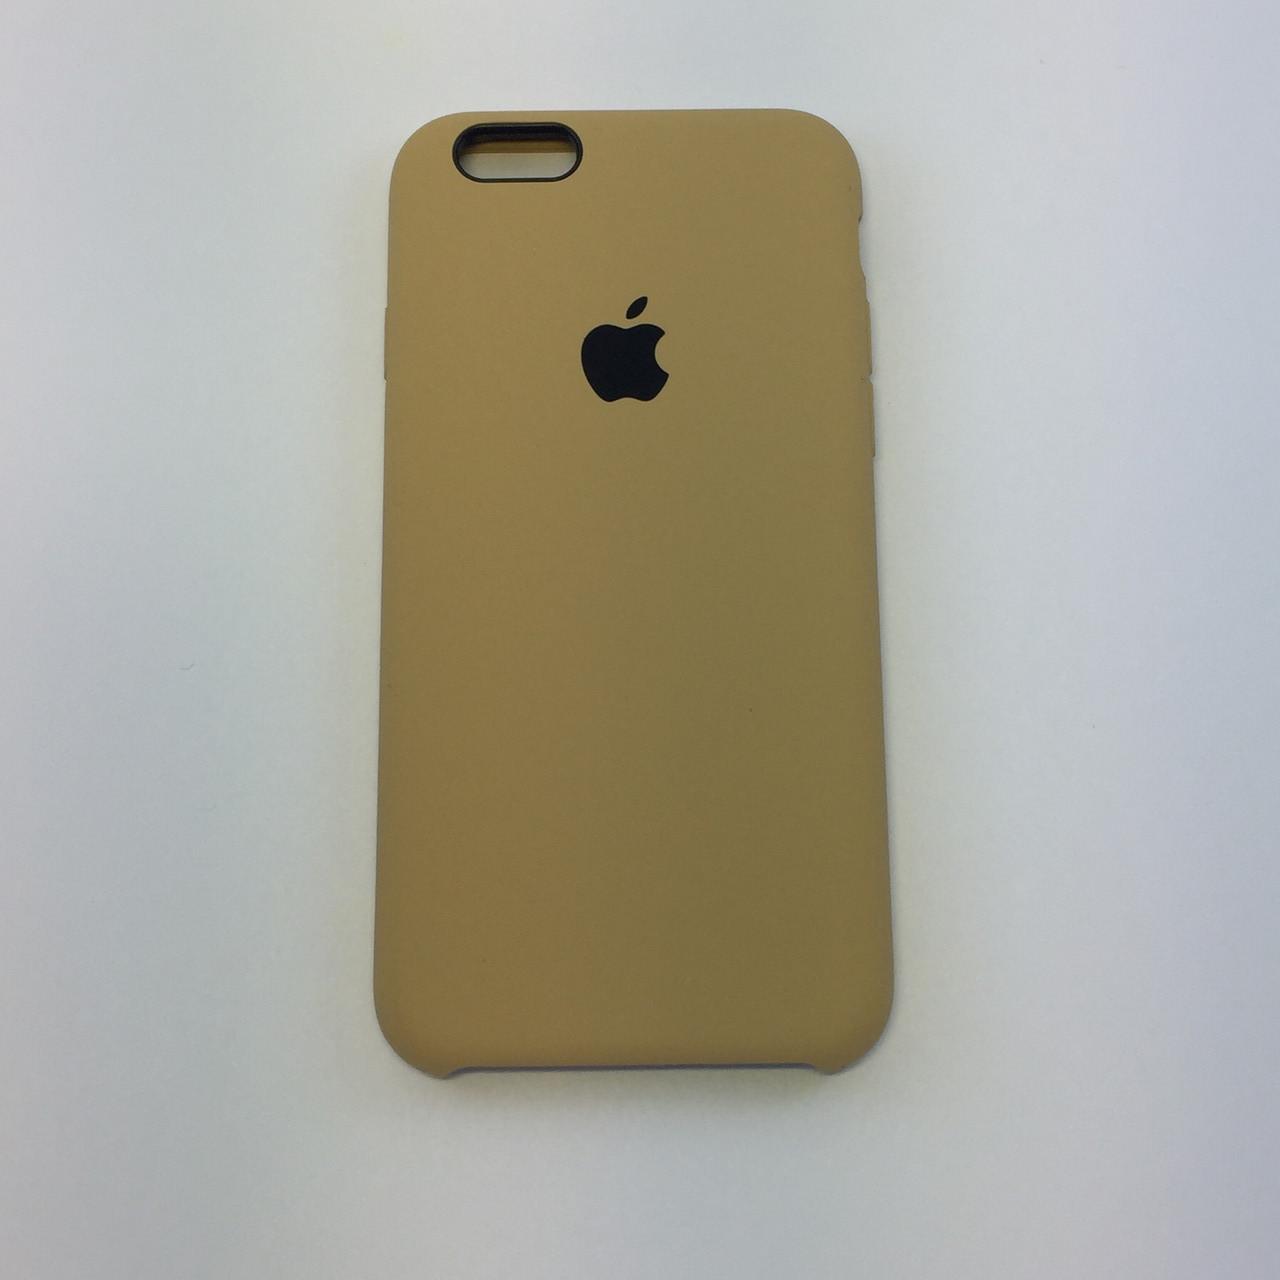 Силиконовый чехол для iPhone 6/6s Plus, - «gold» - copy original